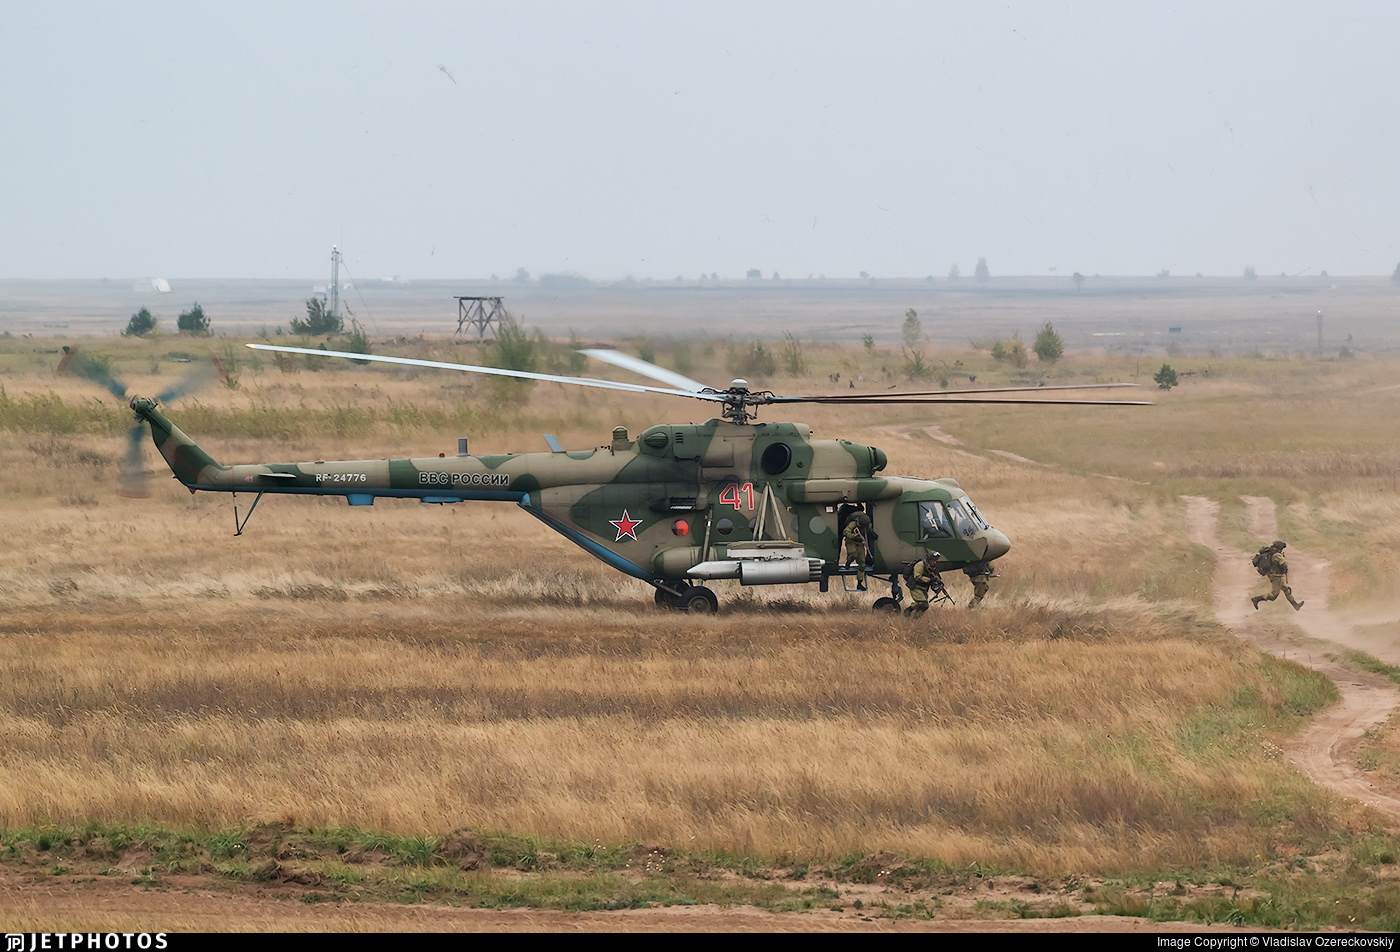 RF-24776 - Mil Mi-8MTV-5 Hip - Russia - Air Force